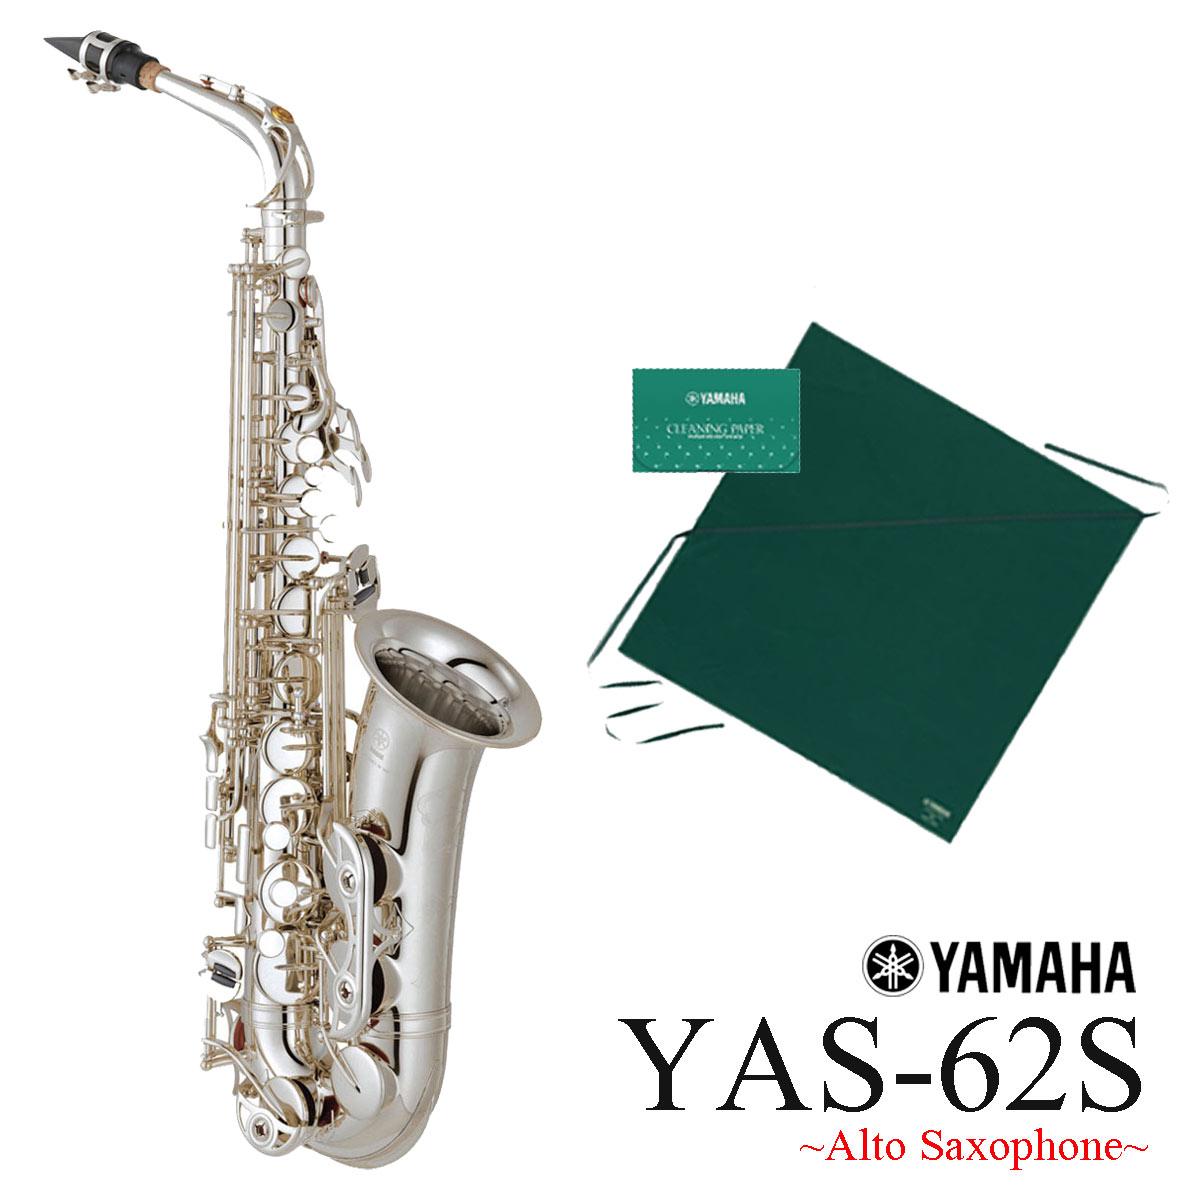 【在庫あり】YAMAHA / YAS-62S ヤマハ プロシリーズ アルトサックス シルバーメッキ仕上げ《倉庫保管新品をお届け※もちろん出荷前調整》【5年保証】